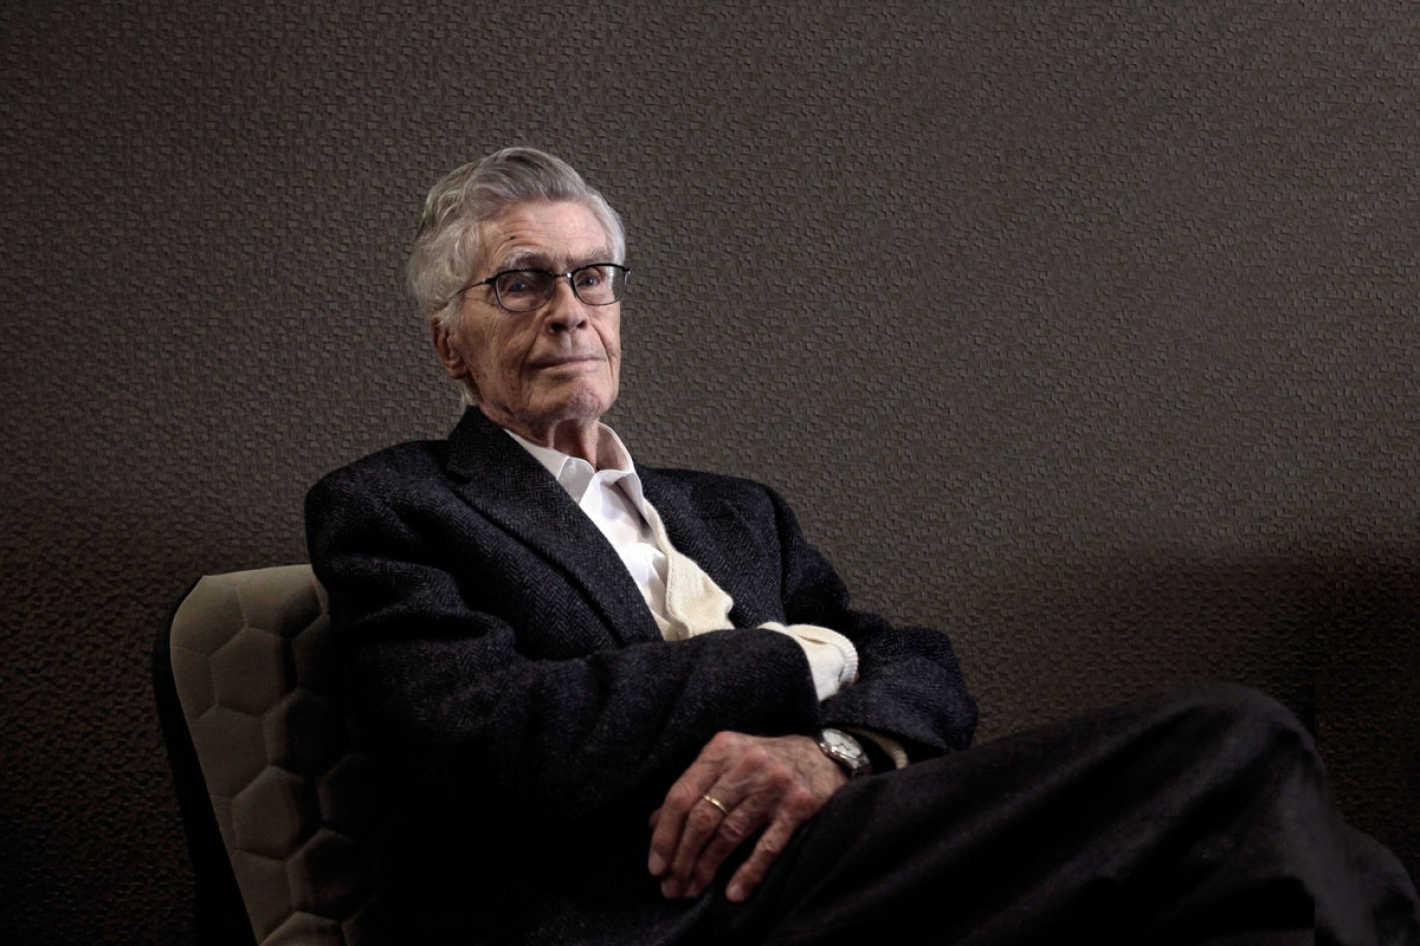 Muere Bunge, científico que luchó contras seudociencias hasta el final